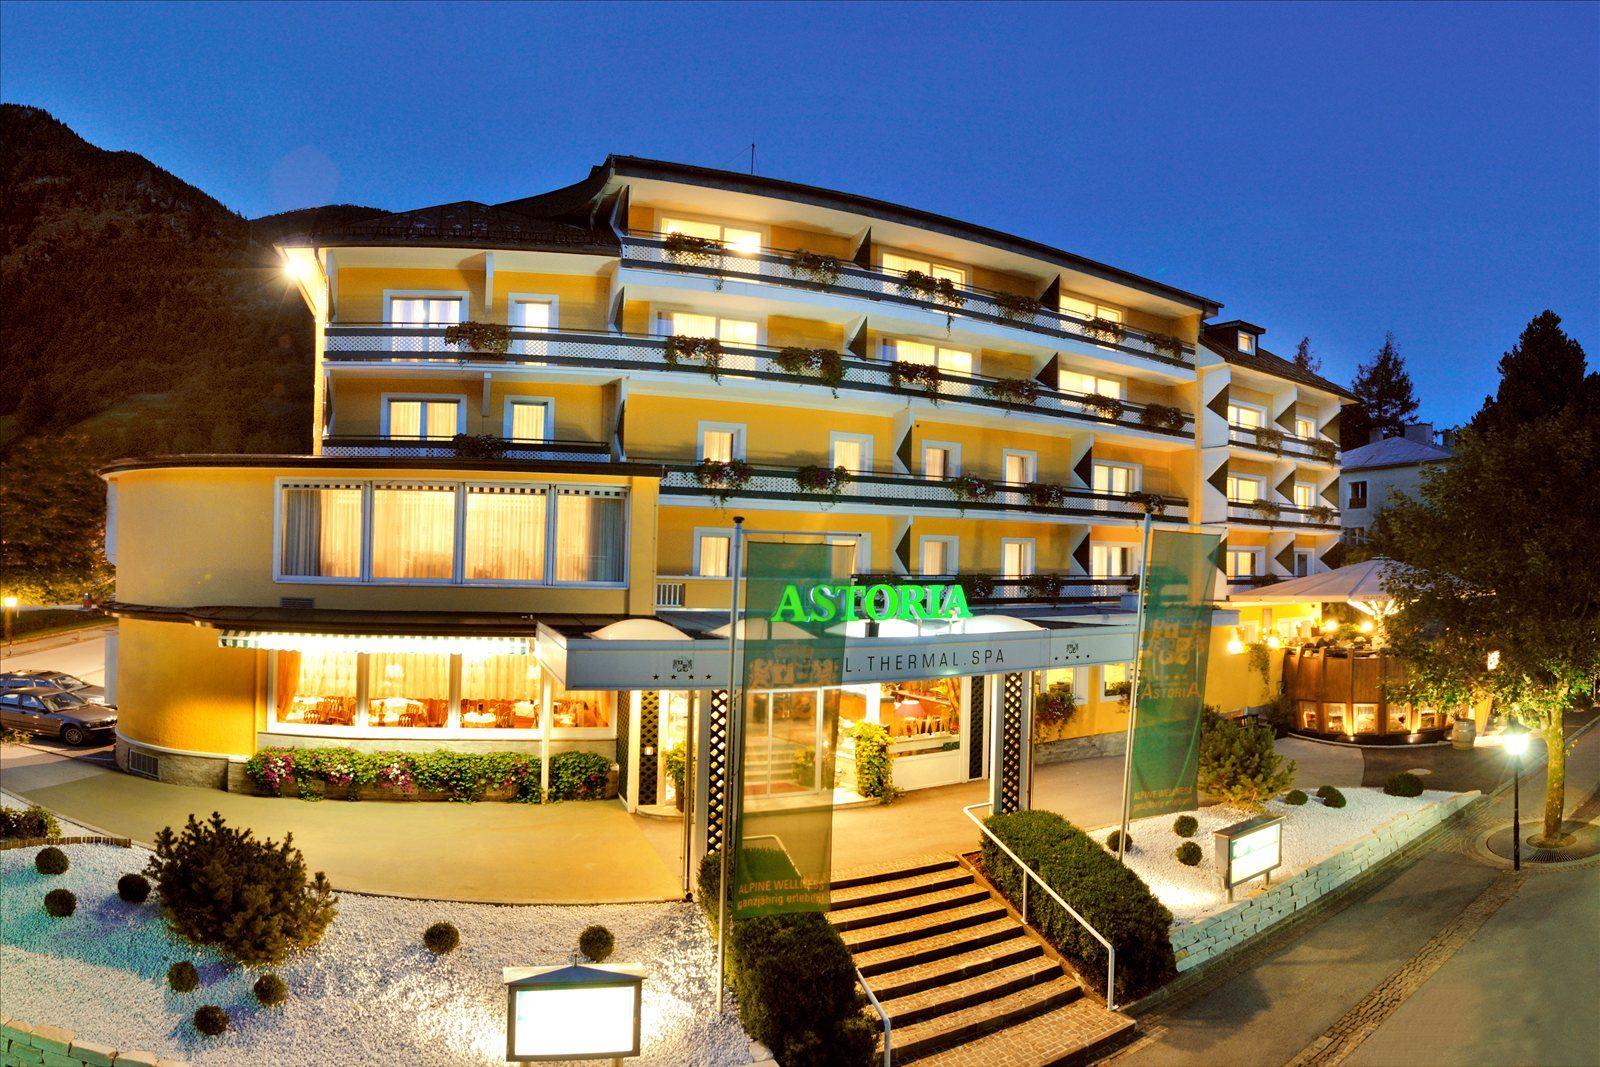 Hotel Astoria -  Bad Hofgastein